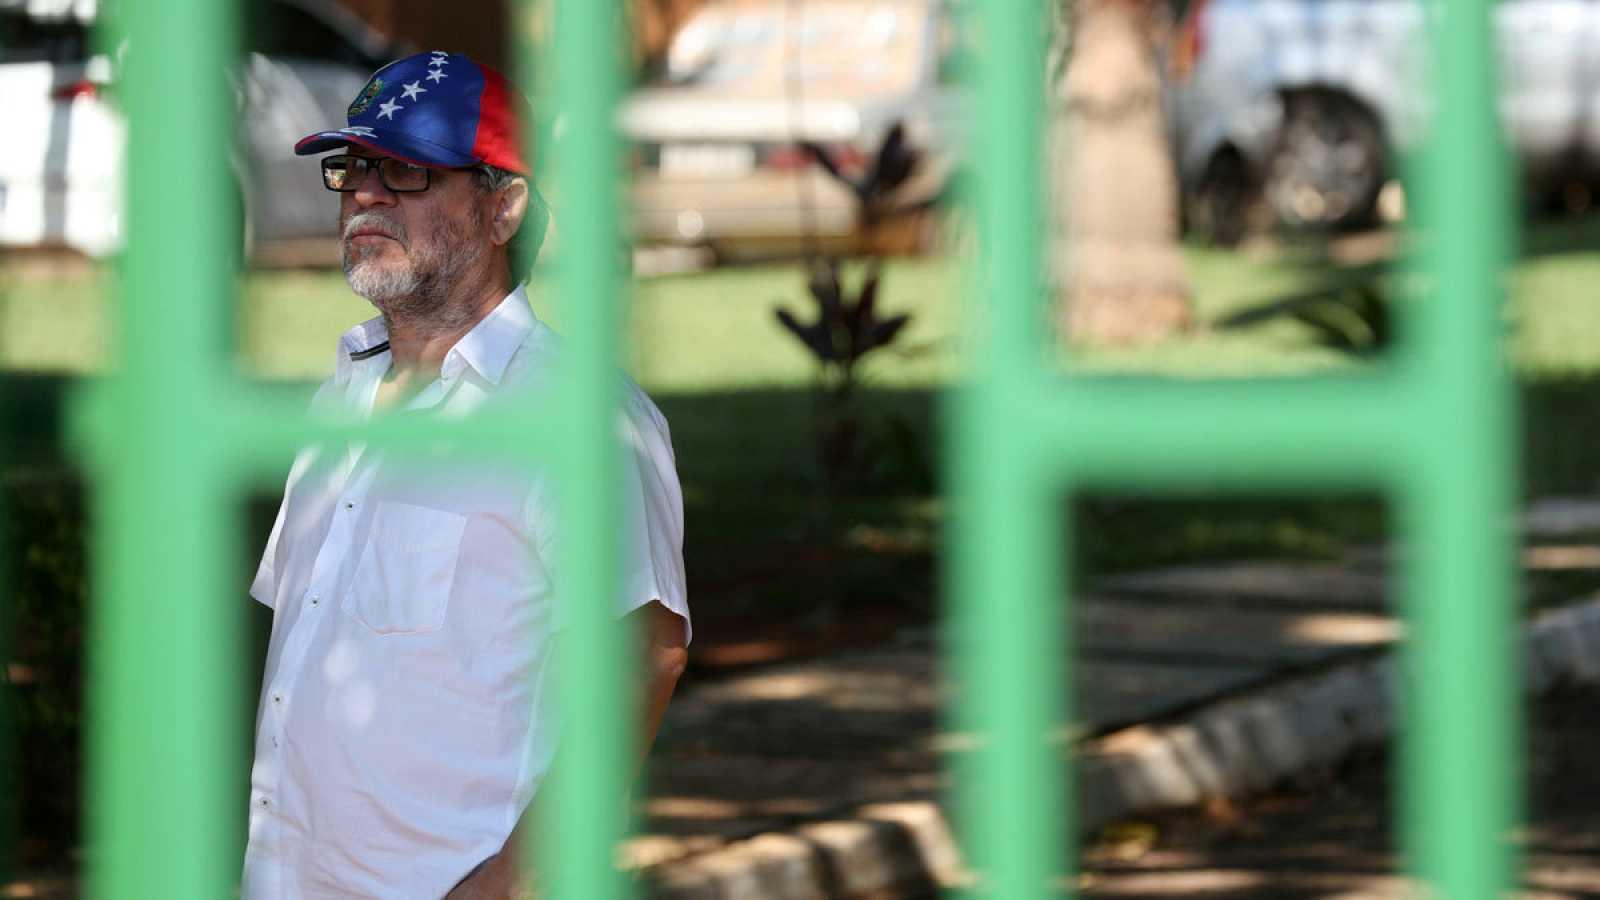 Un hombre luce una gorra con la bandera de Venezuela en el recinto de la embajada.